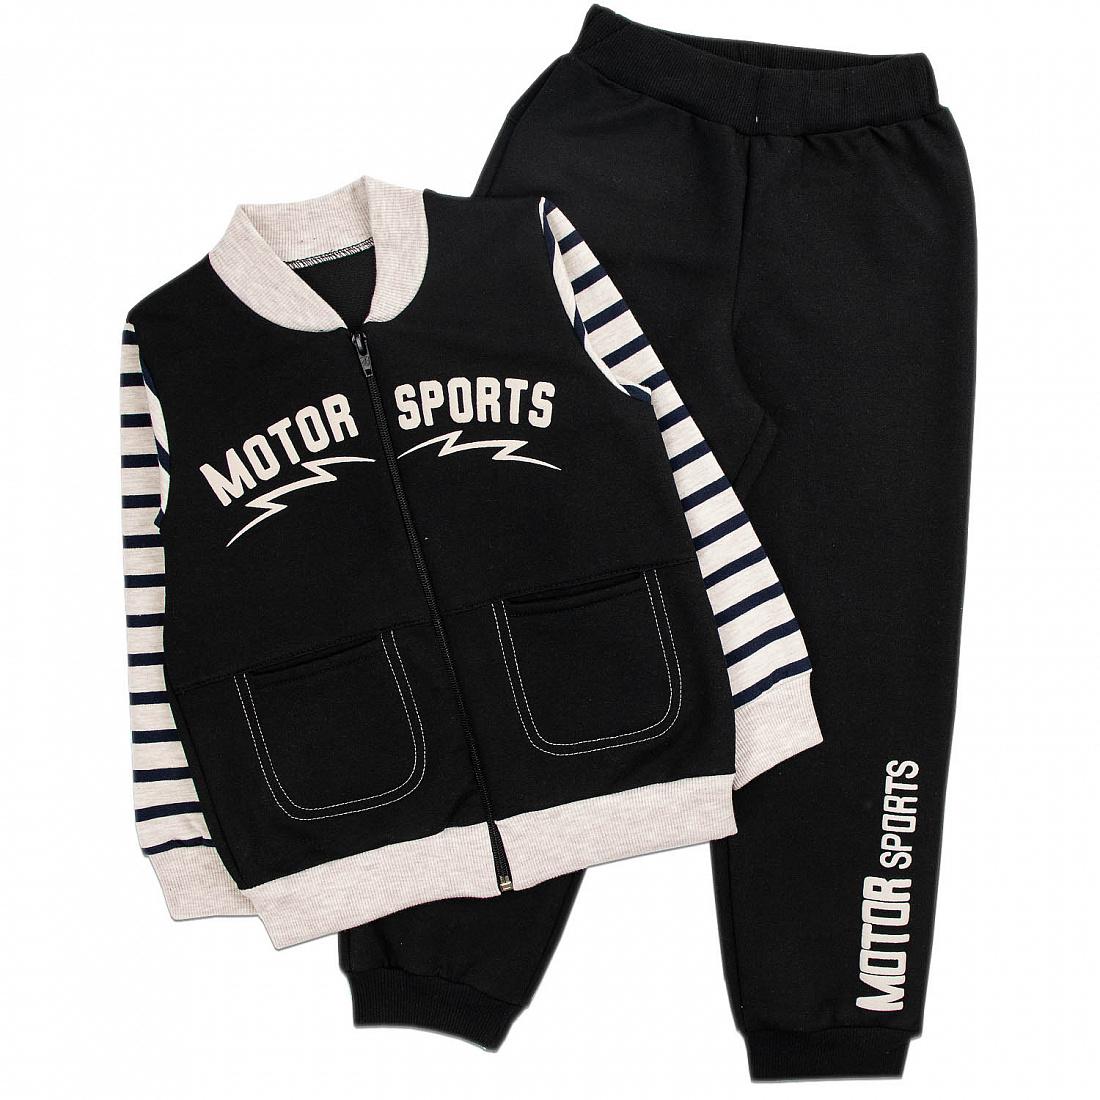 Спортивный костюм для мальчиков Юлла 843/848фд ап цв. черный  р.152